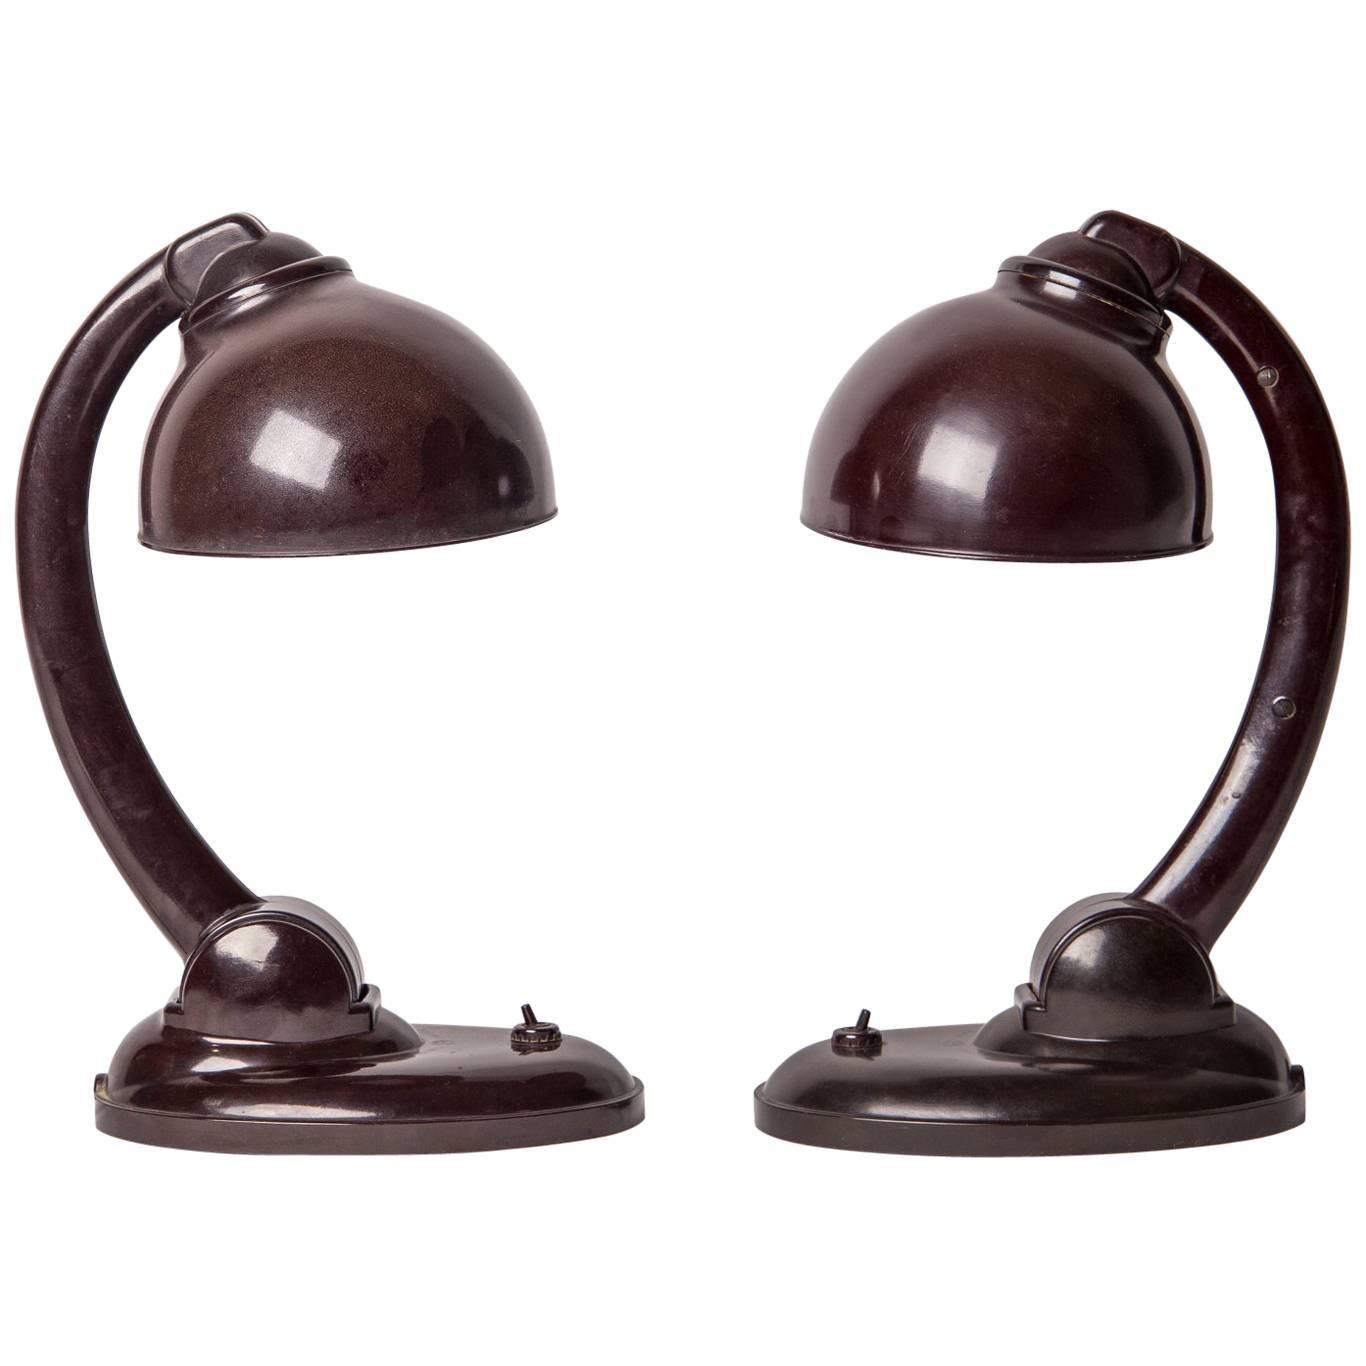 Pair Of 1126 Bakelite Art Deco Table Lamps By Eric Kirkland, Circa 1930